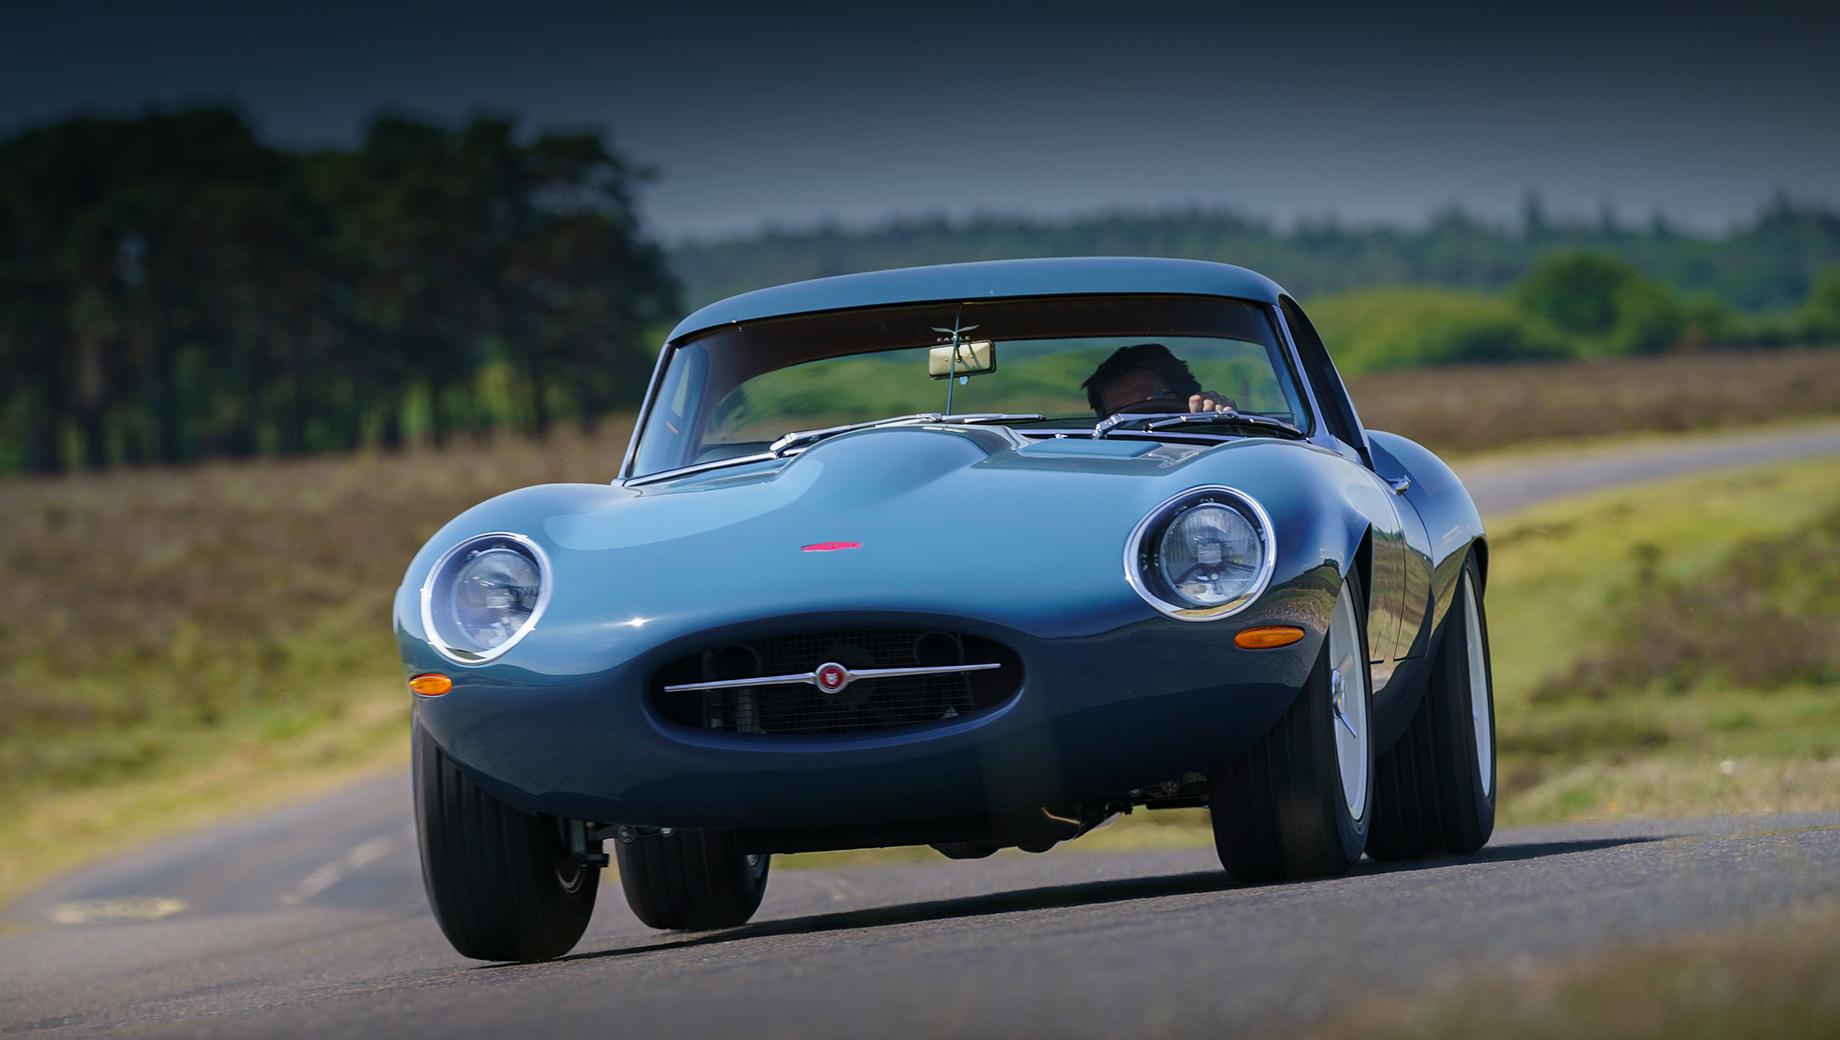 Jaguar e-type,Eagle lightweight gt. Компания Eagle, занимающаяся Ягуарами E-Type уже больше 35 лет, собирается делать по два автомобиля Eagle Lightweight GT в год. Цены не названы, но похожие по конструкции модели Eagle стоят по 700 тысяч фунтов стерлингов (60 млн рублей).